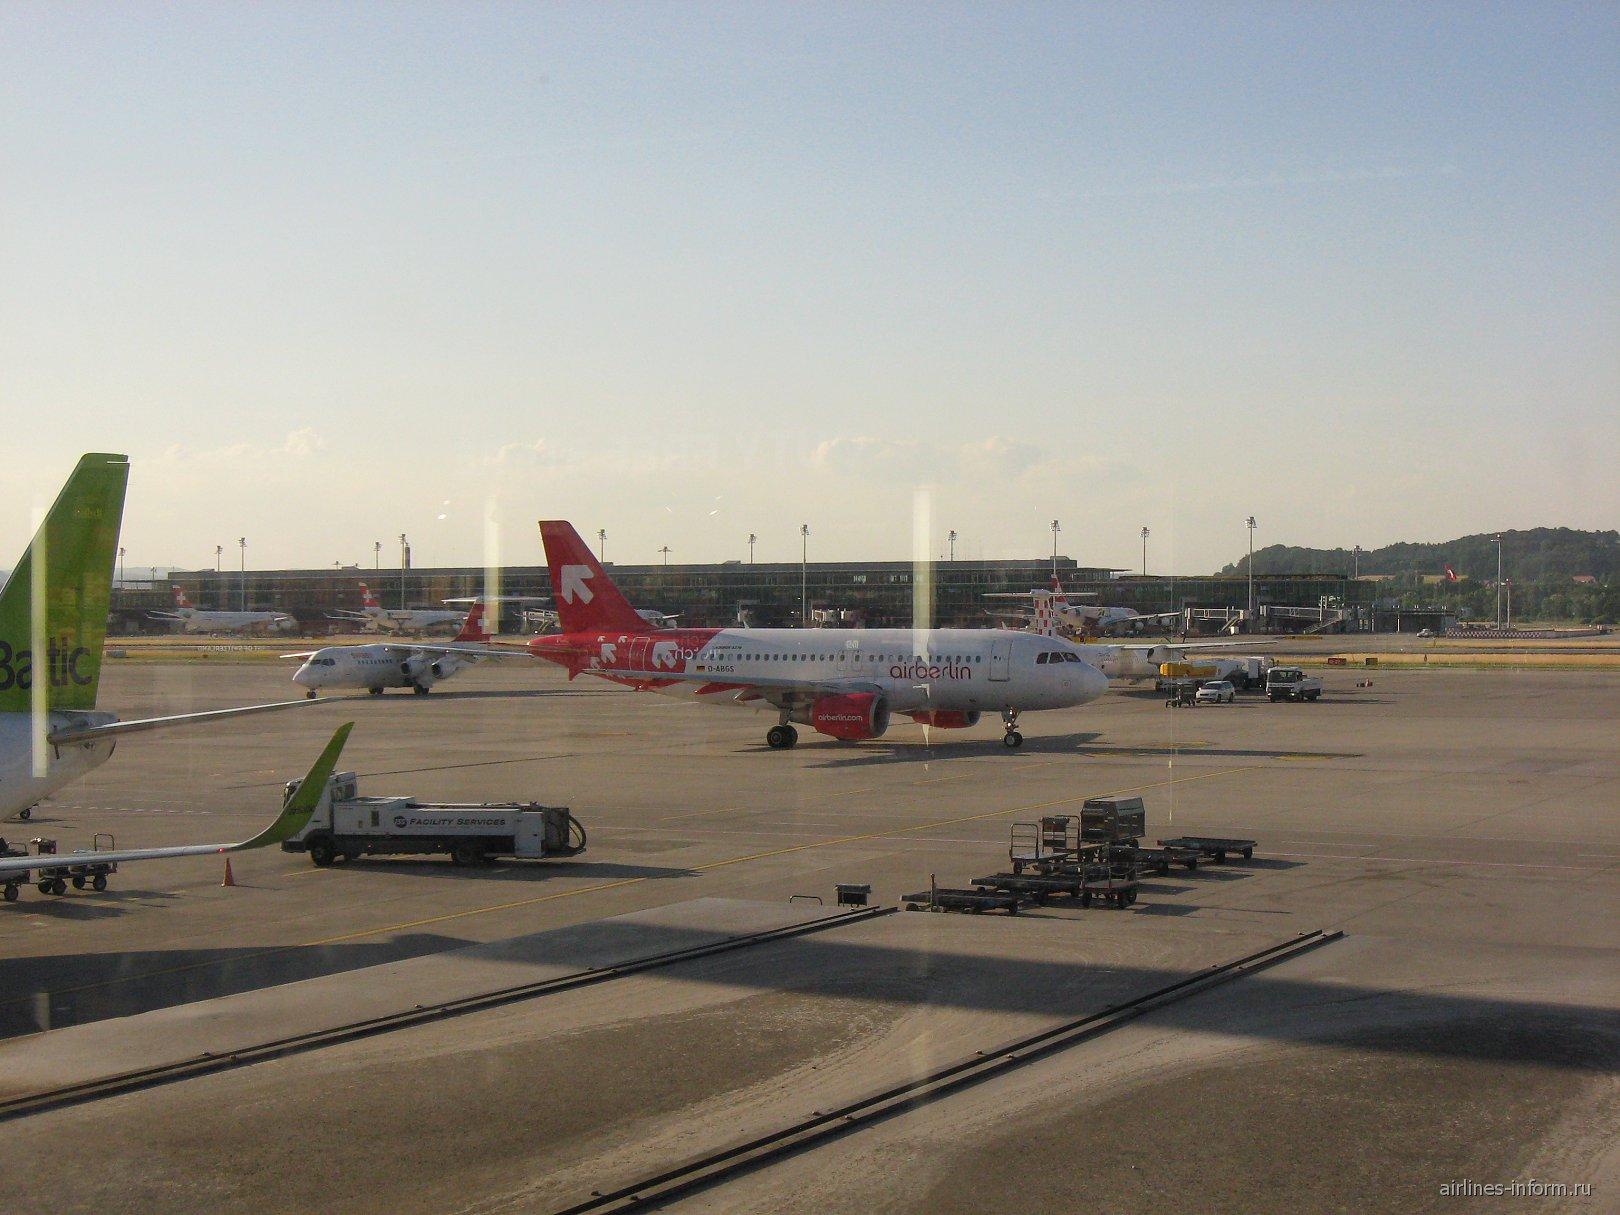 A320 Air Berlin